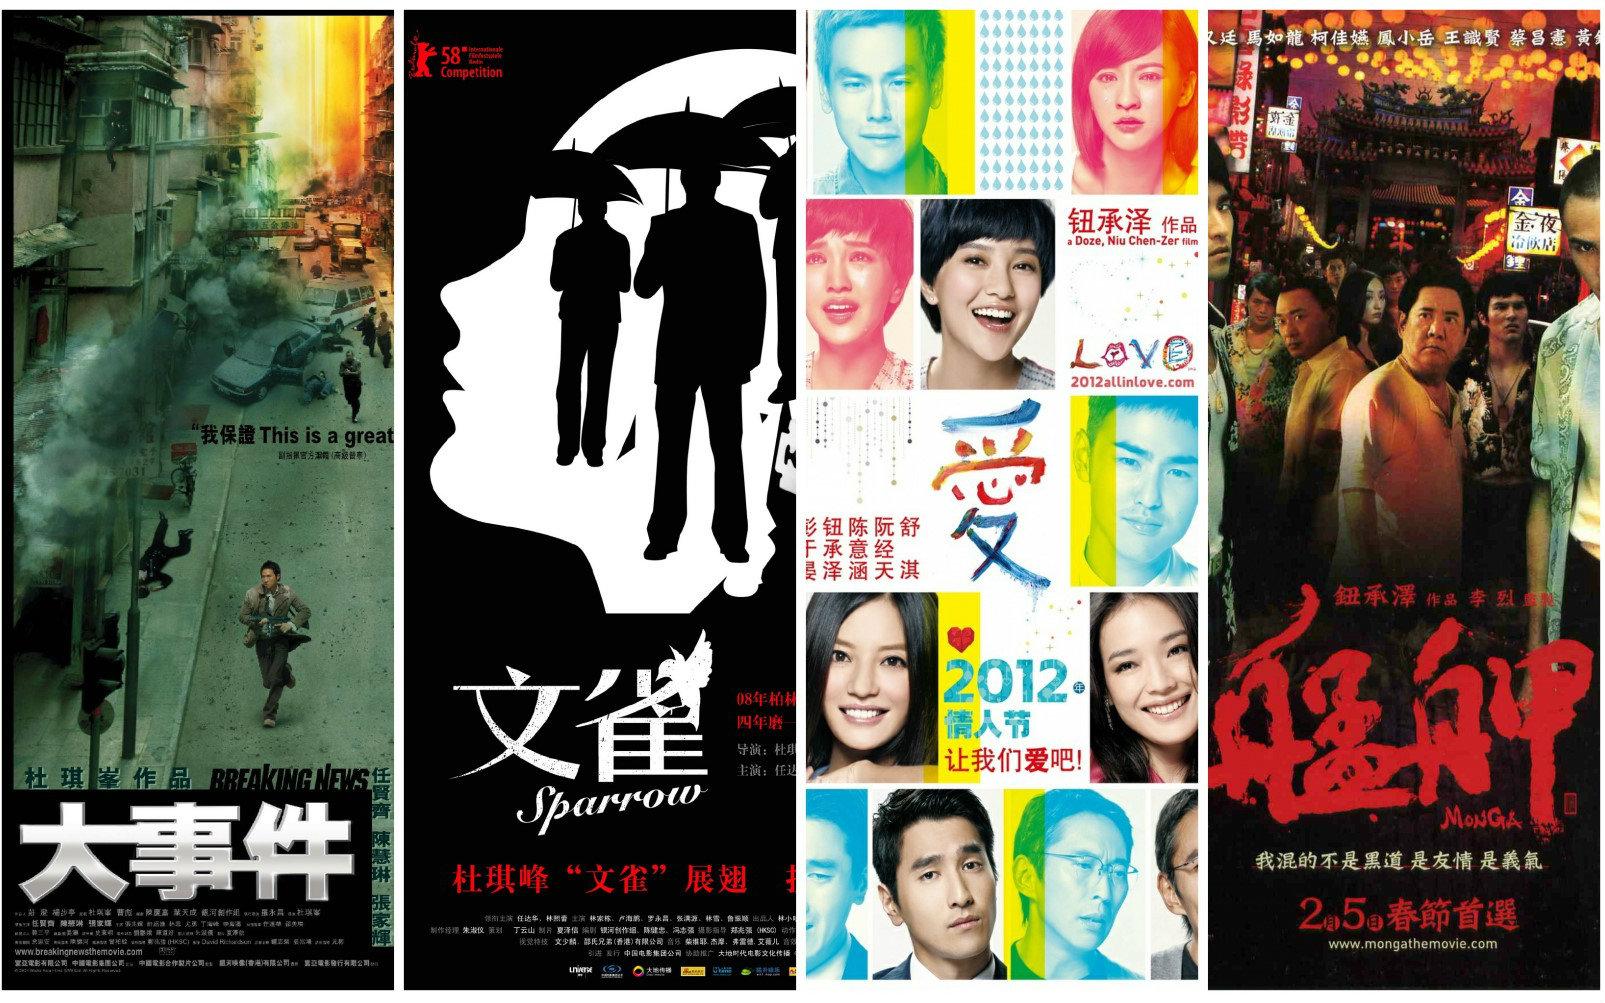 华语电影长镜头小合集(随时v电影)yy480新理论电影图片